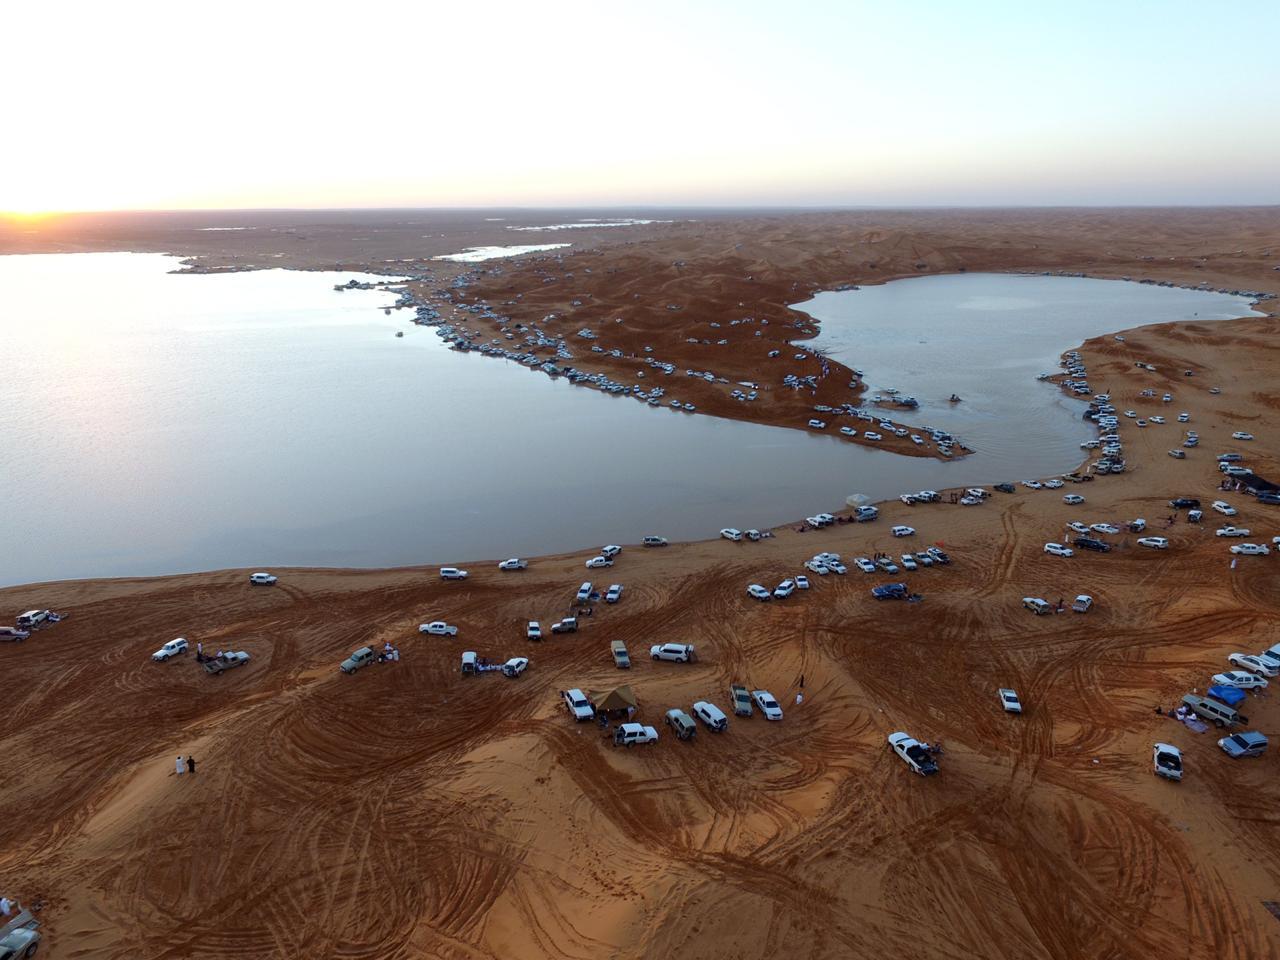 Дождевое озеро в централной части пустыни Саудовского полуострова